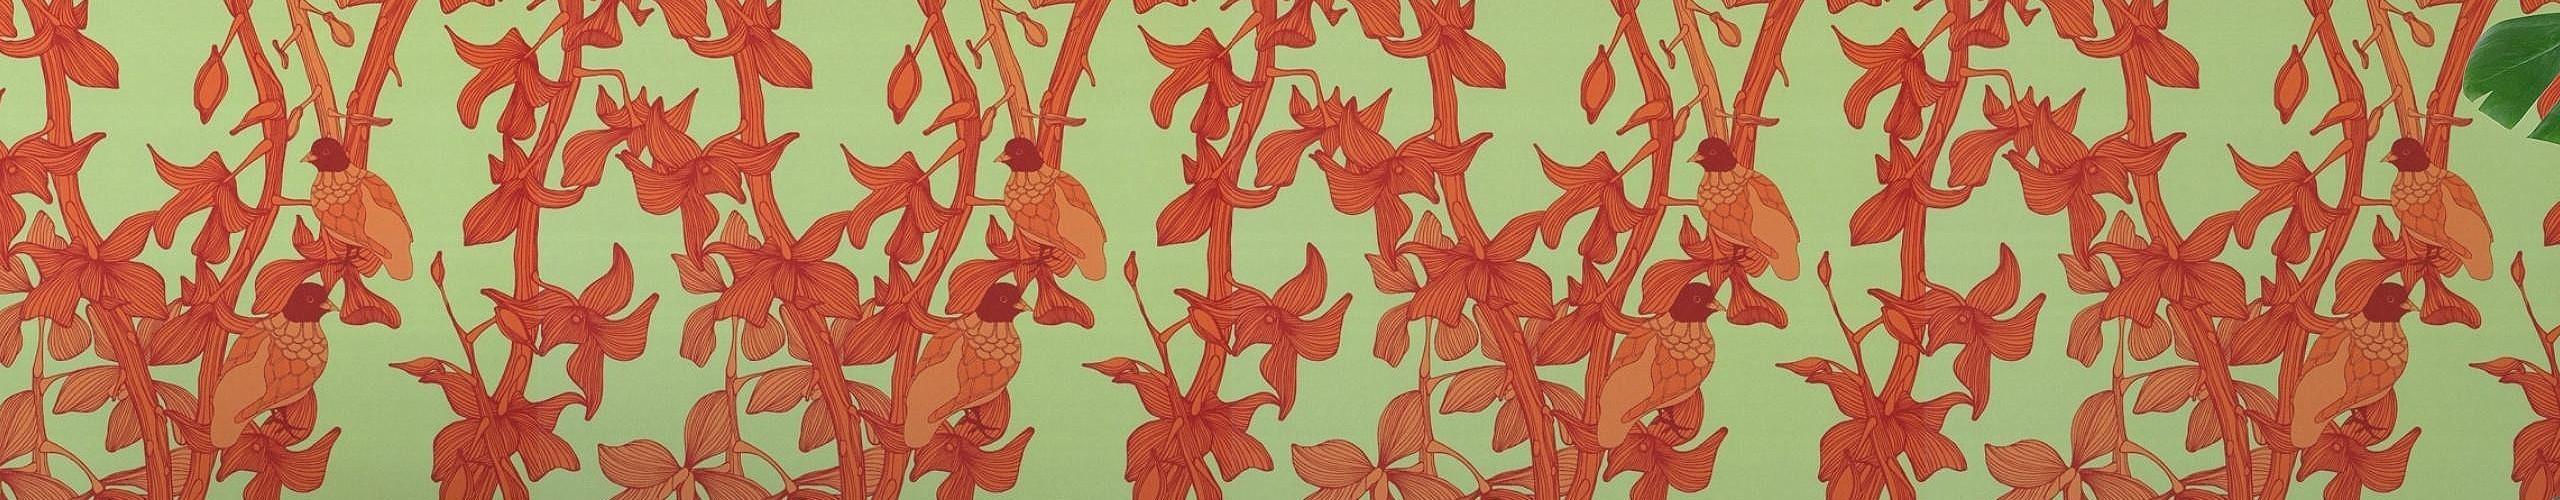 Neue tapeten hellgr n orange tapeten lust auf was for Neue tapeten